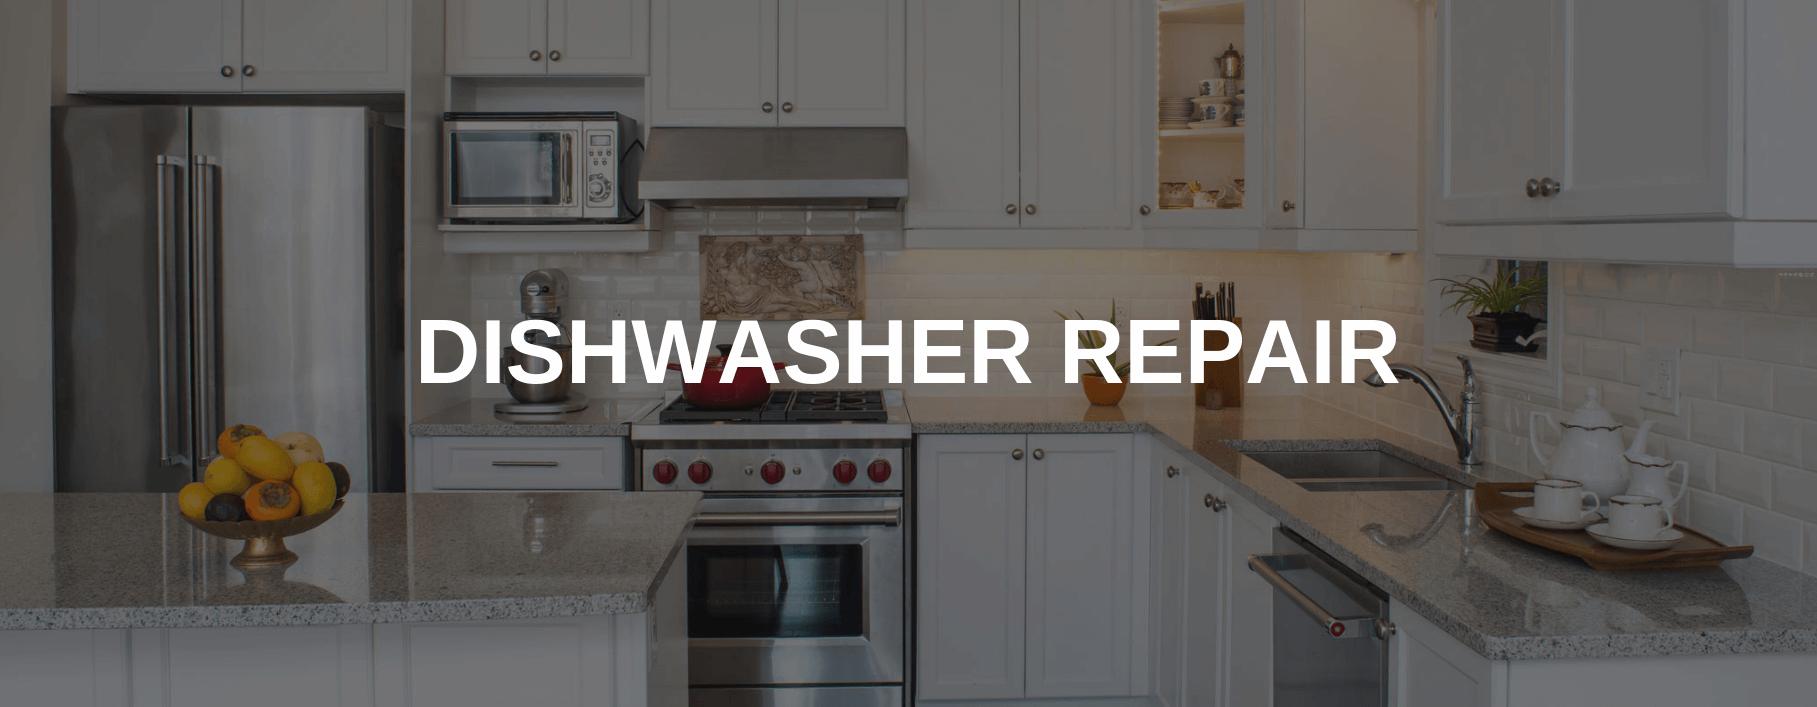 dishwasher repair wallingford